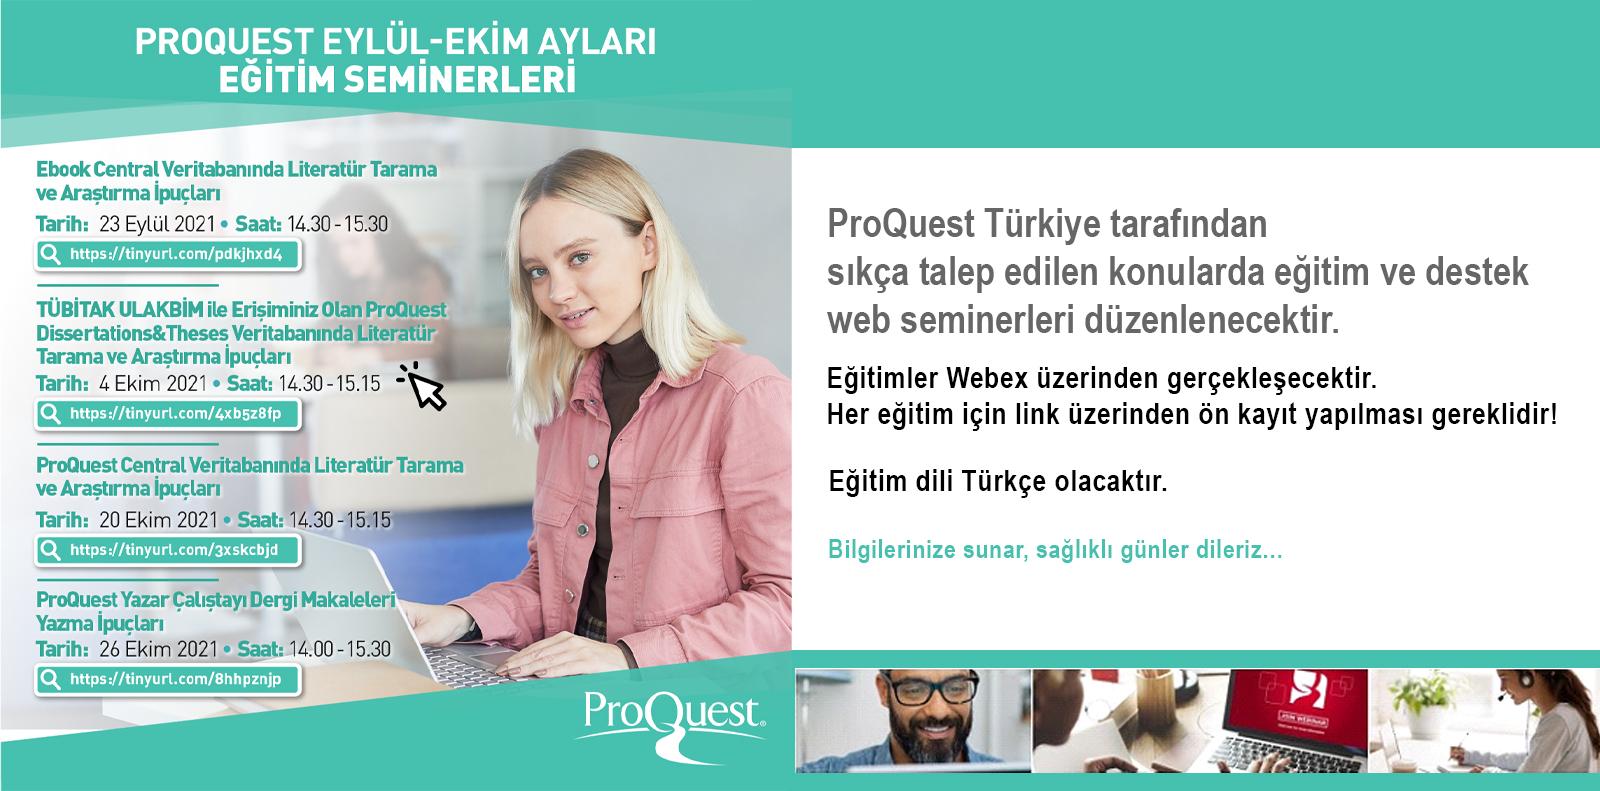 Proquest Eğitim Seminerleri Slide